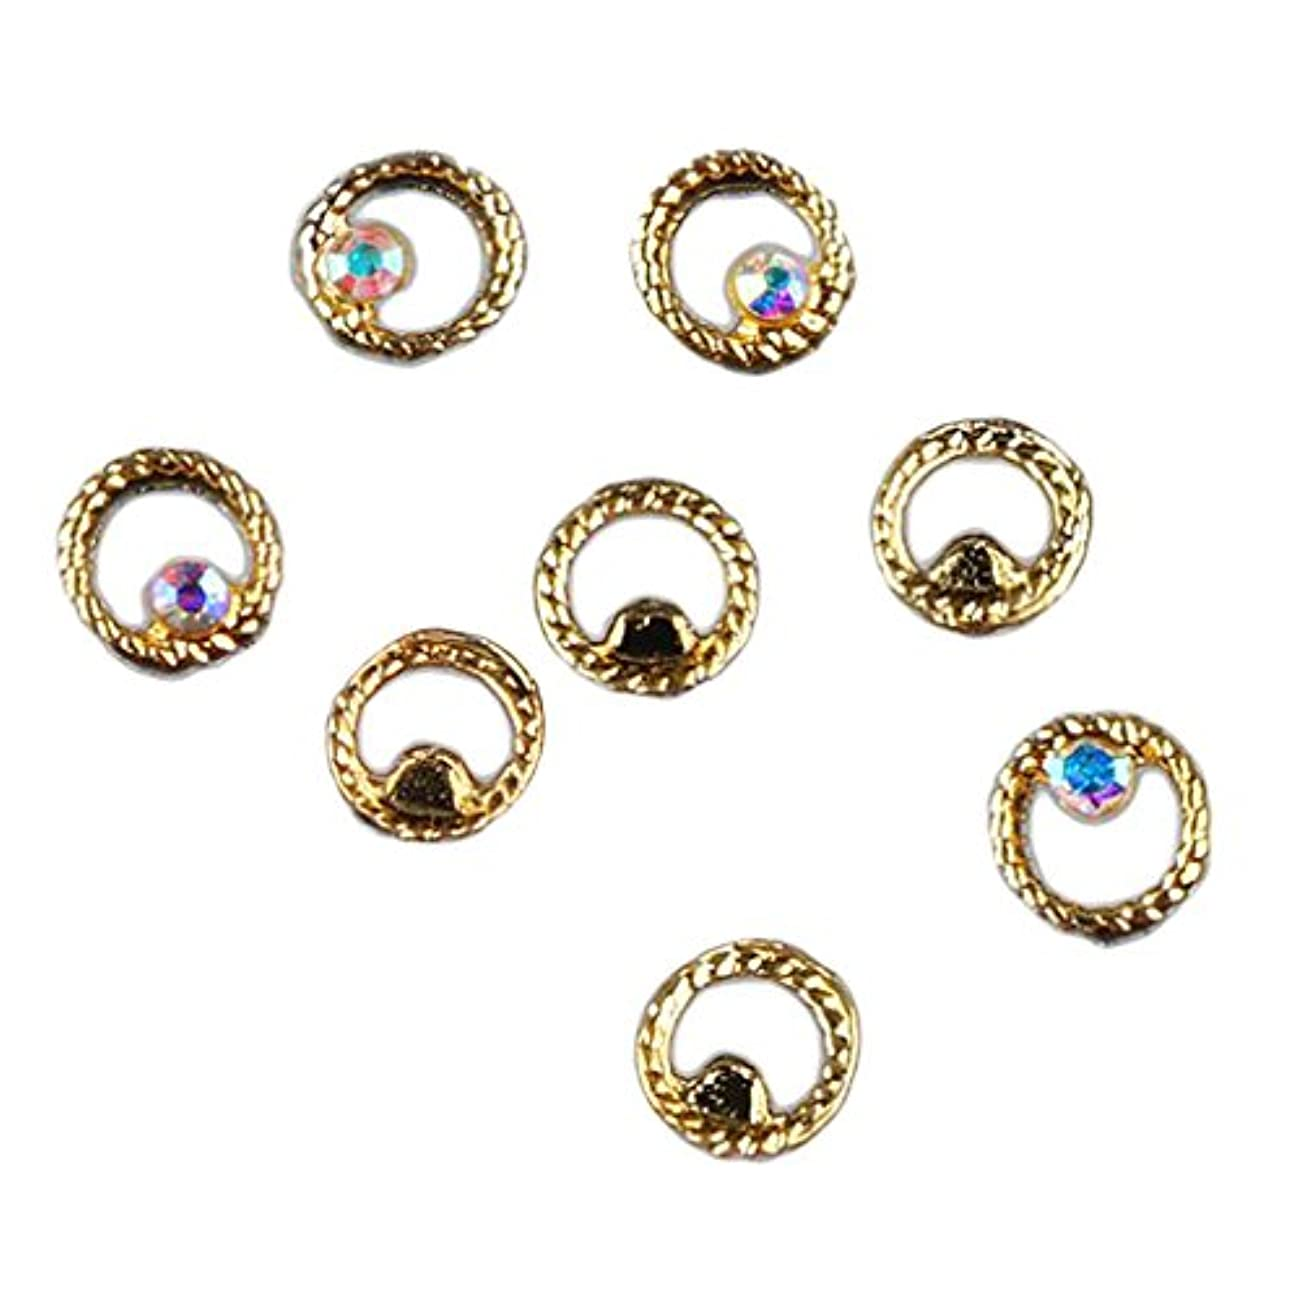 韓国アイスクリームレシピマニキュア ダイヤモンド 約50個 3Dネイルアート ヒントステッカー 装飾 全8タイプ選べ - 3